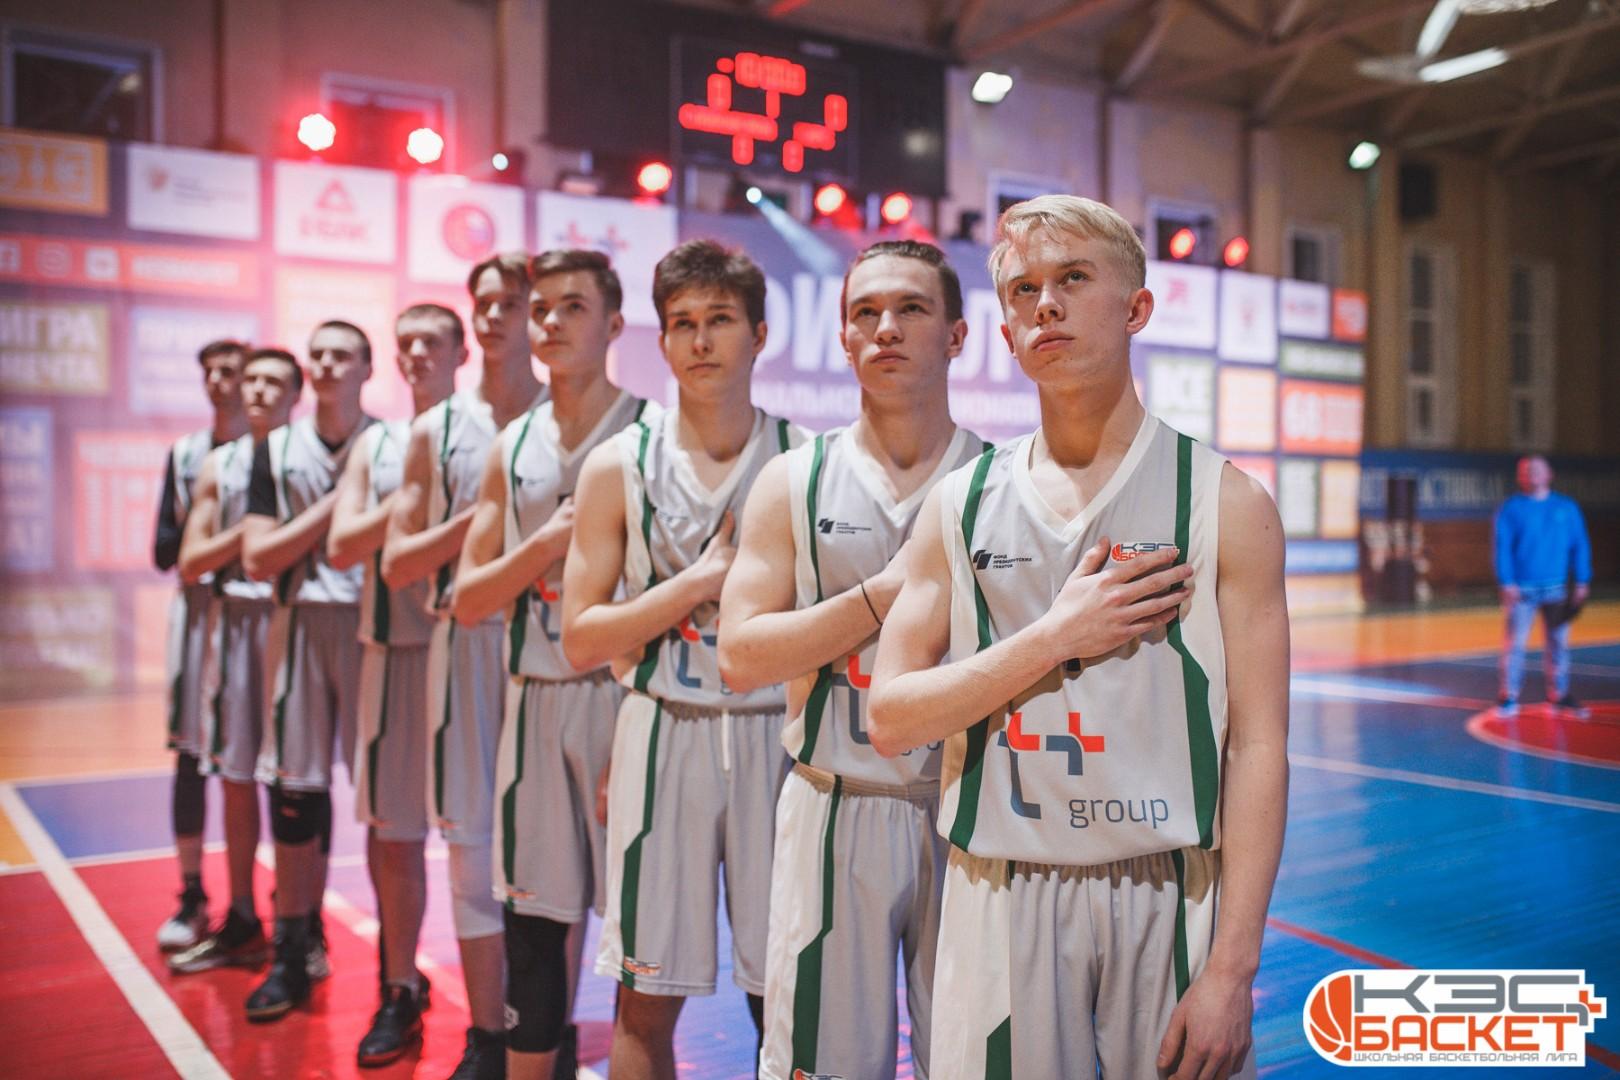 «Движение вверх». На суперфинал КЭС-Баскета в Нижний Новгород поедут юные баскетболисты из Слободского